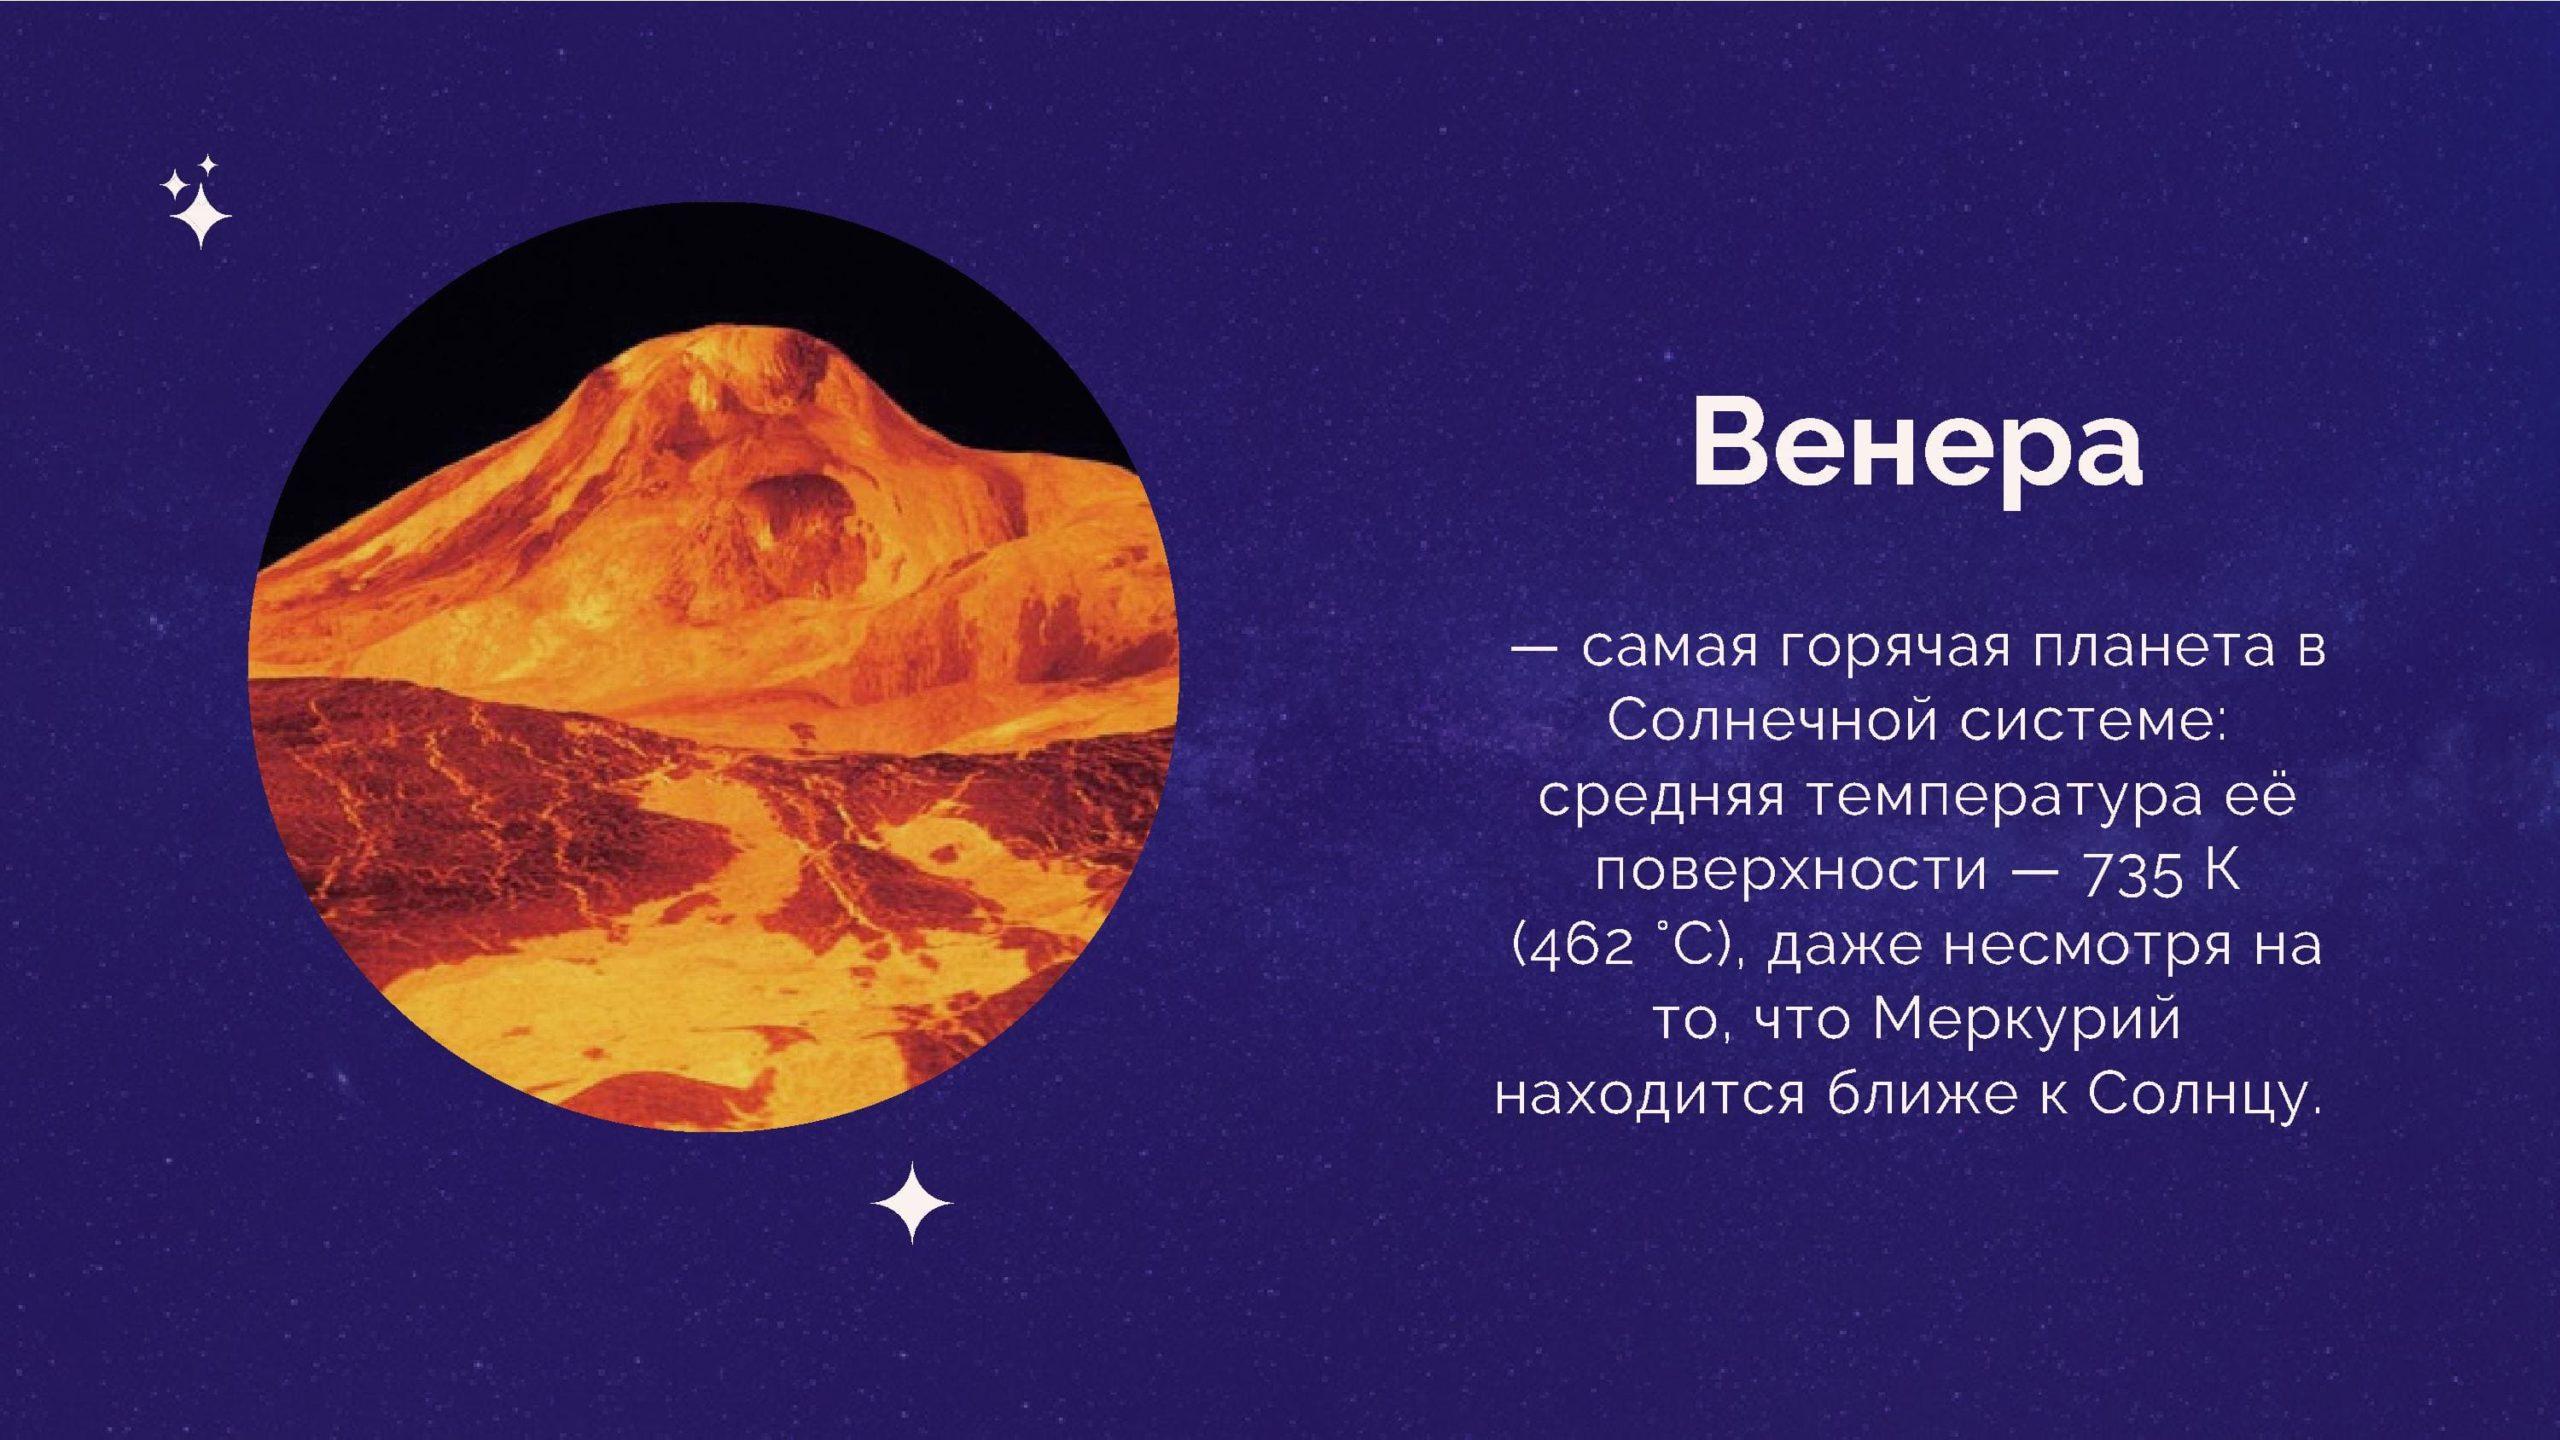 Венера - самая горячая планета в Солнечной системе